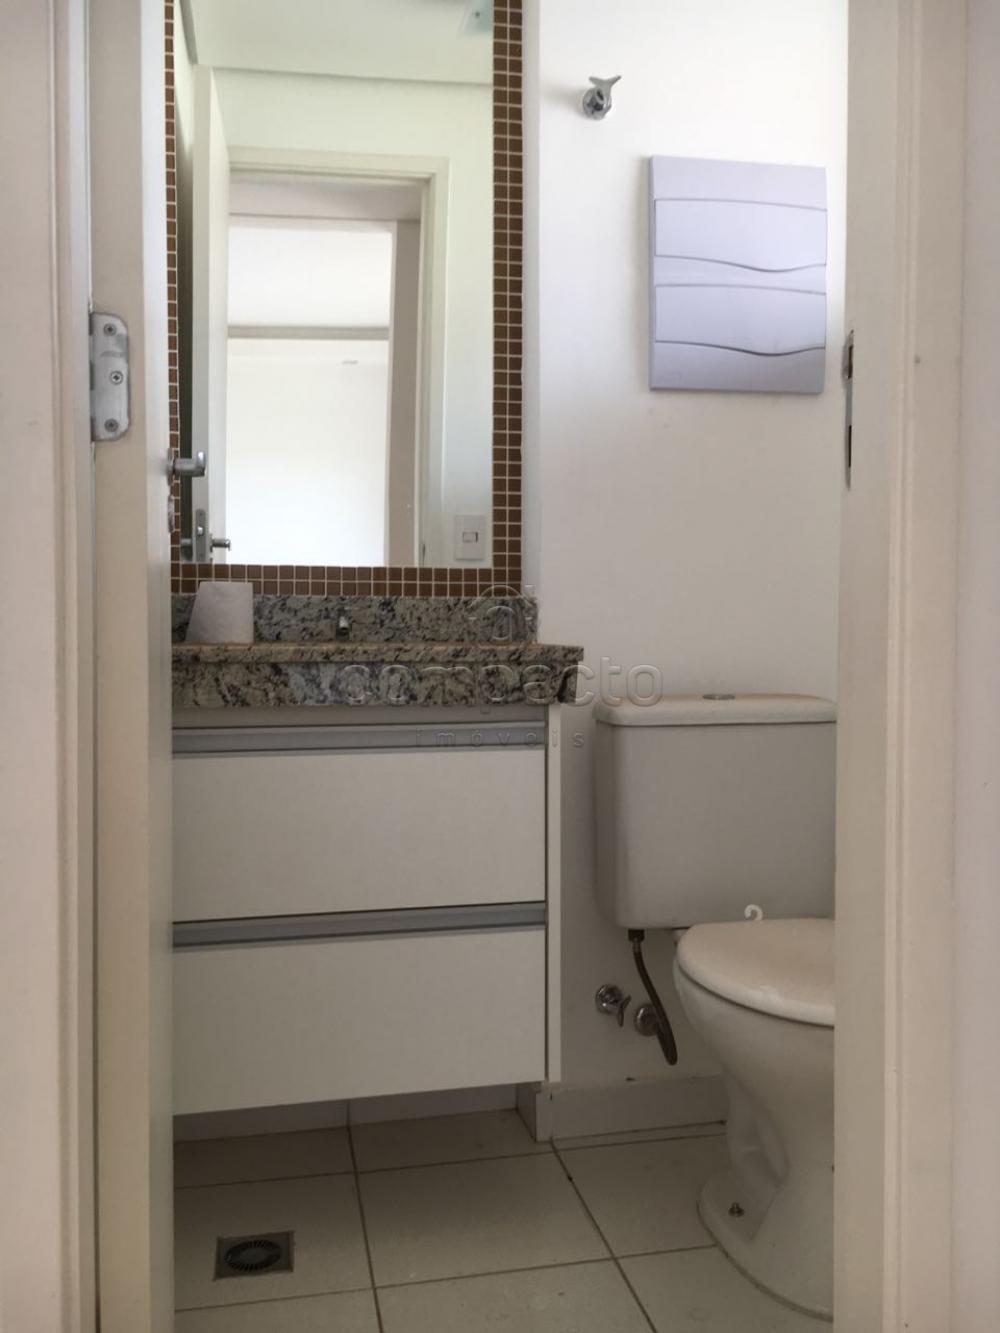 Comprar Casa / Condomínio em São José do Rio Preto apenas R$ 375.000,00 - Foto 5